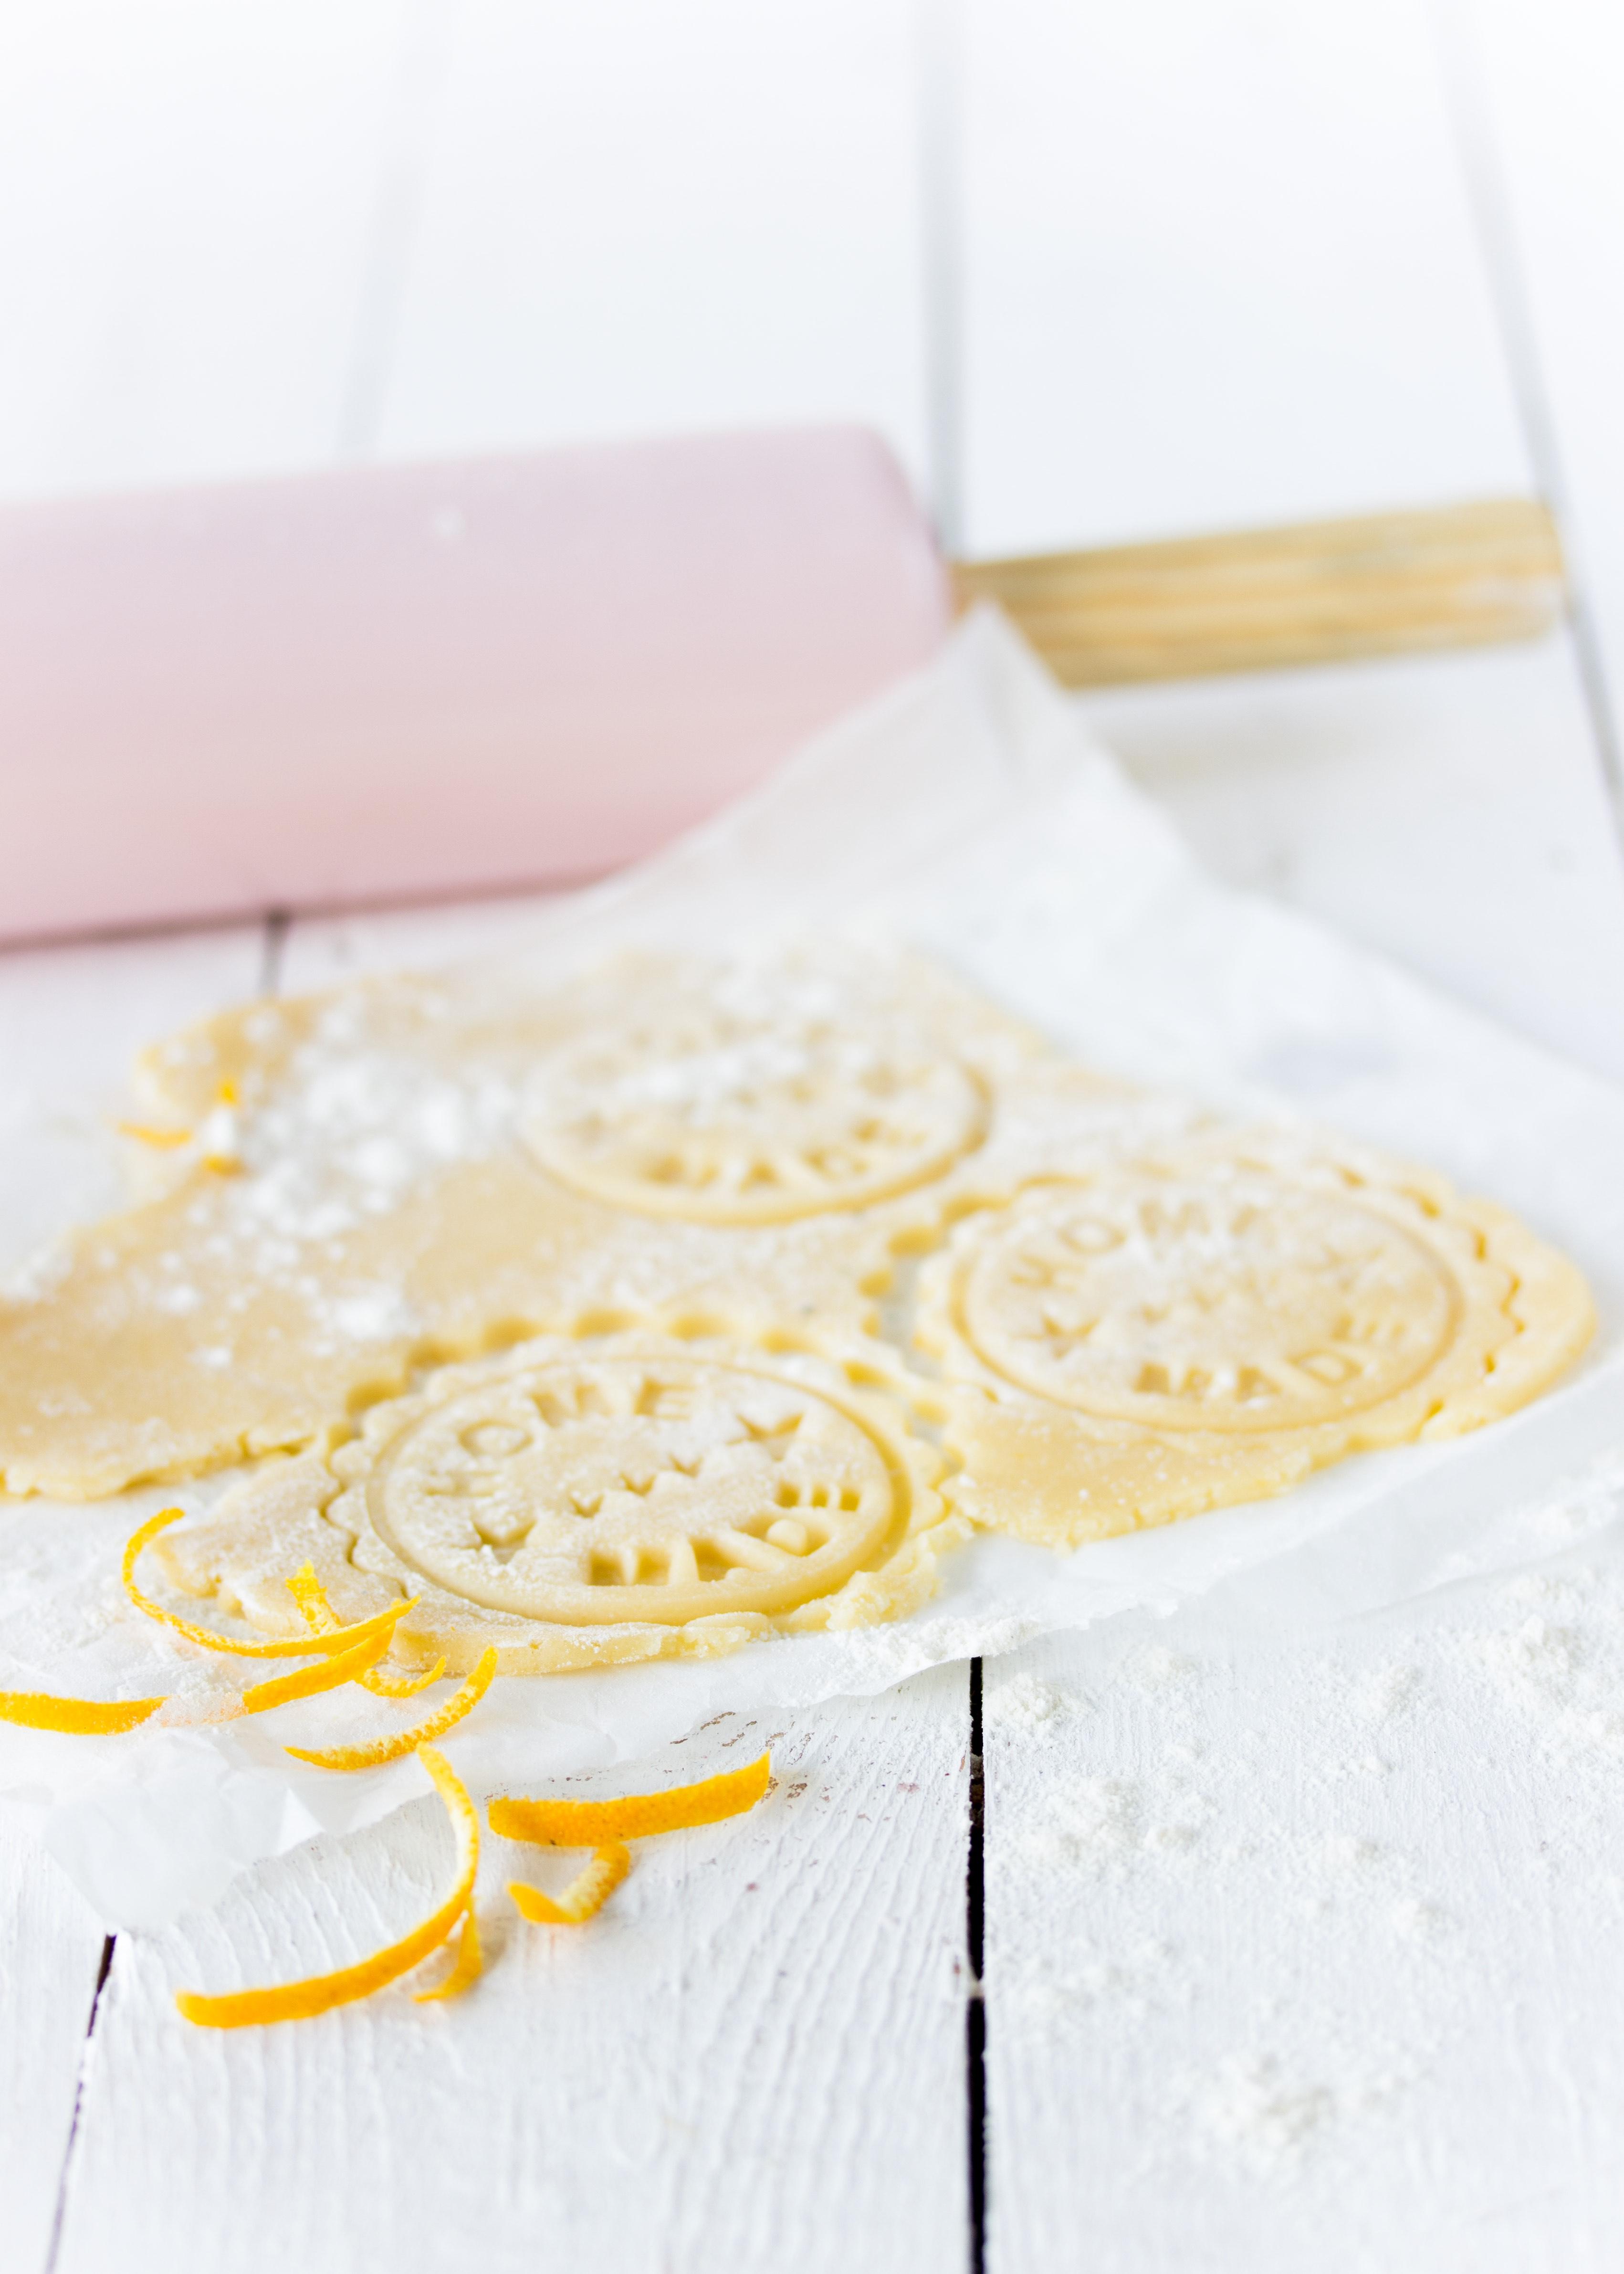 (Werbung) Orangen Joghurt Stempelkekse Rezept Weihnachten Plätzchen backen